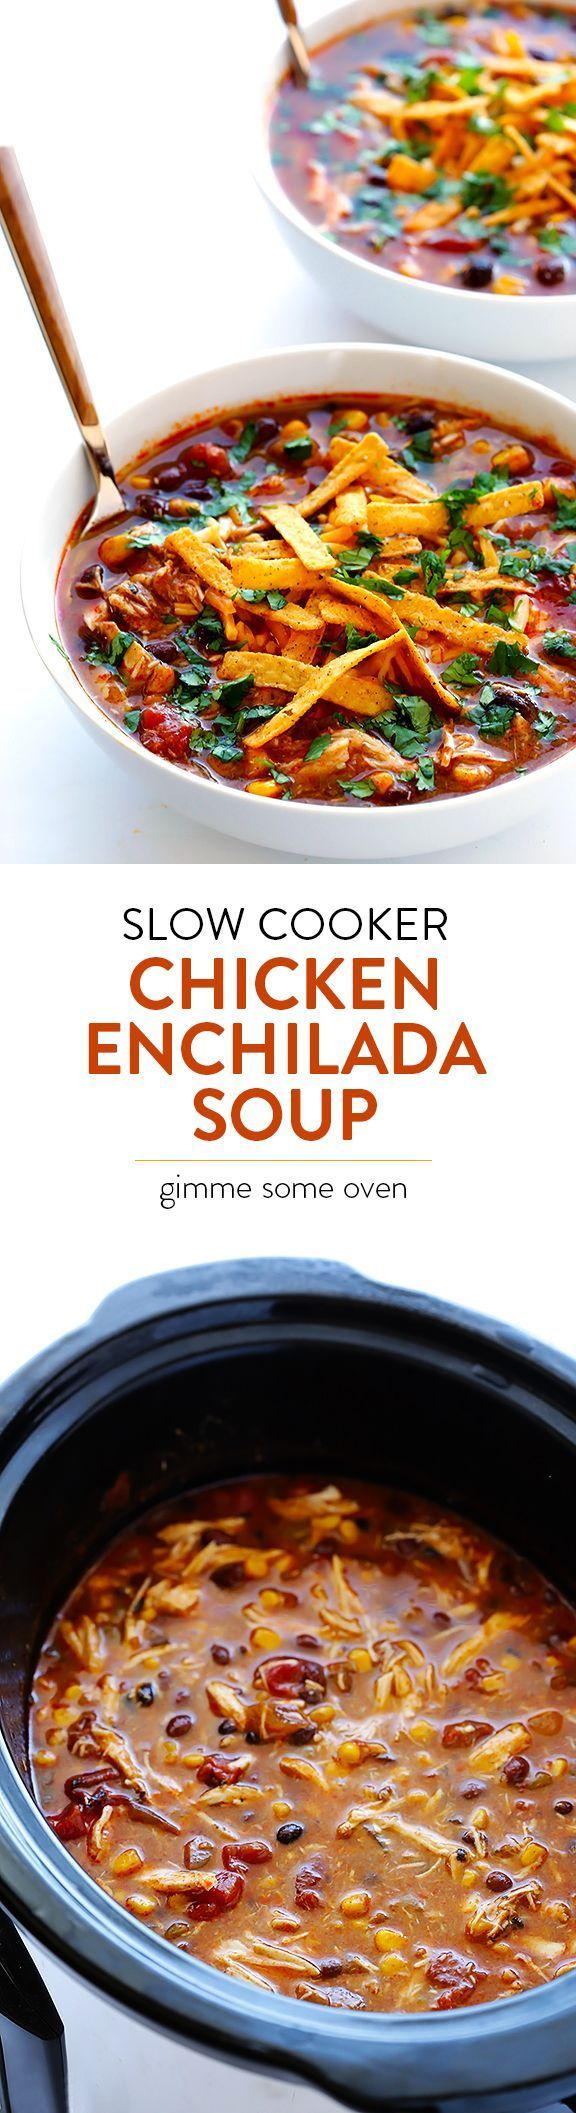 Cooker Chicken Enchilada Soup | Recipe | Slow Cooker Chicken, Chicken ...